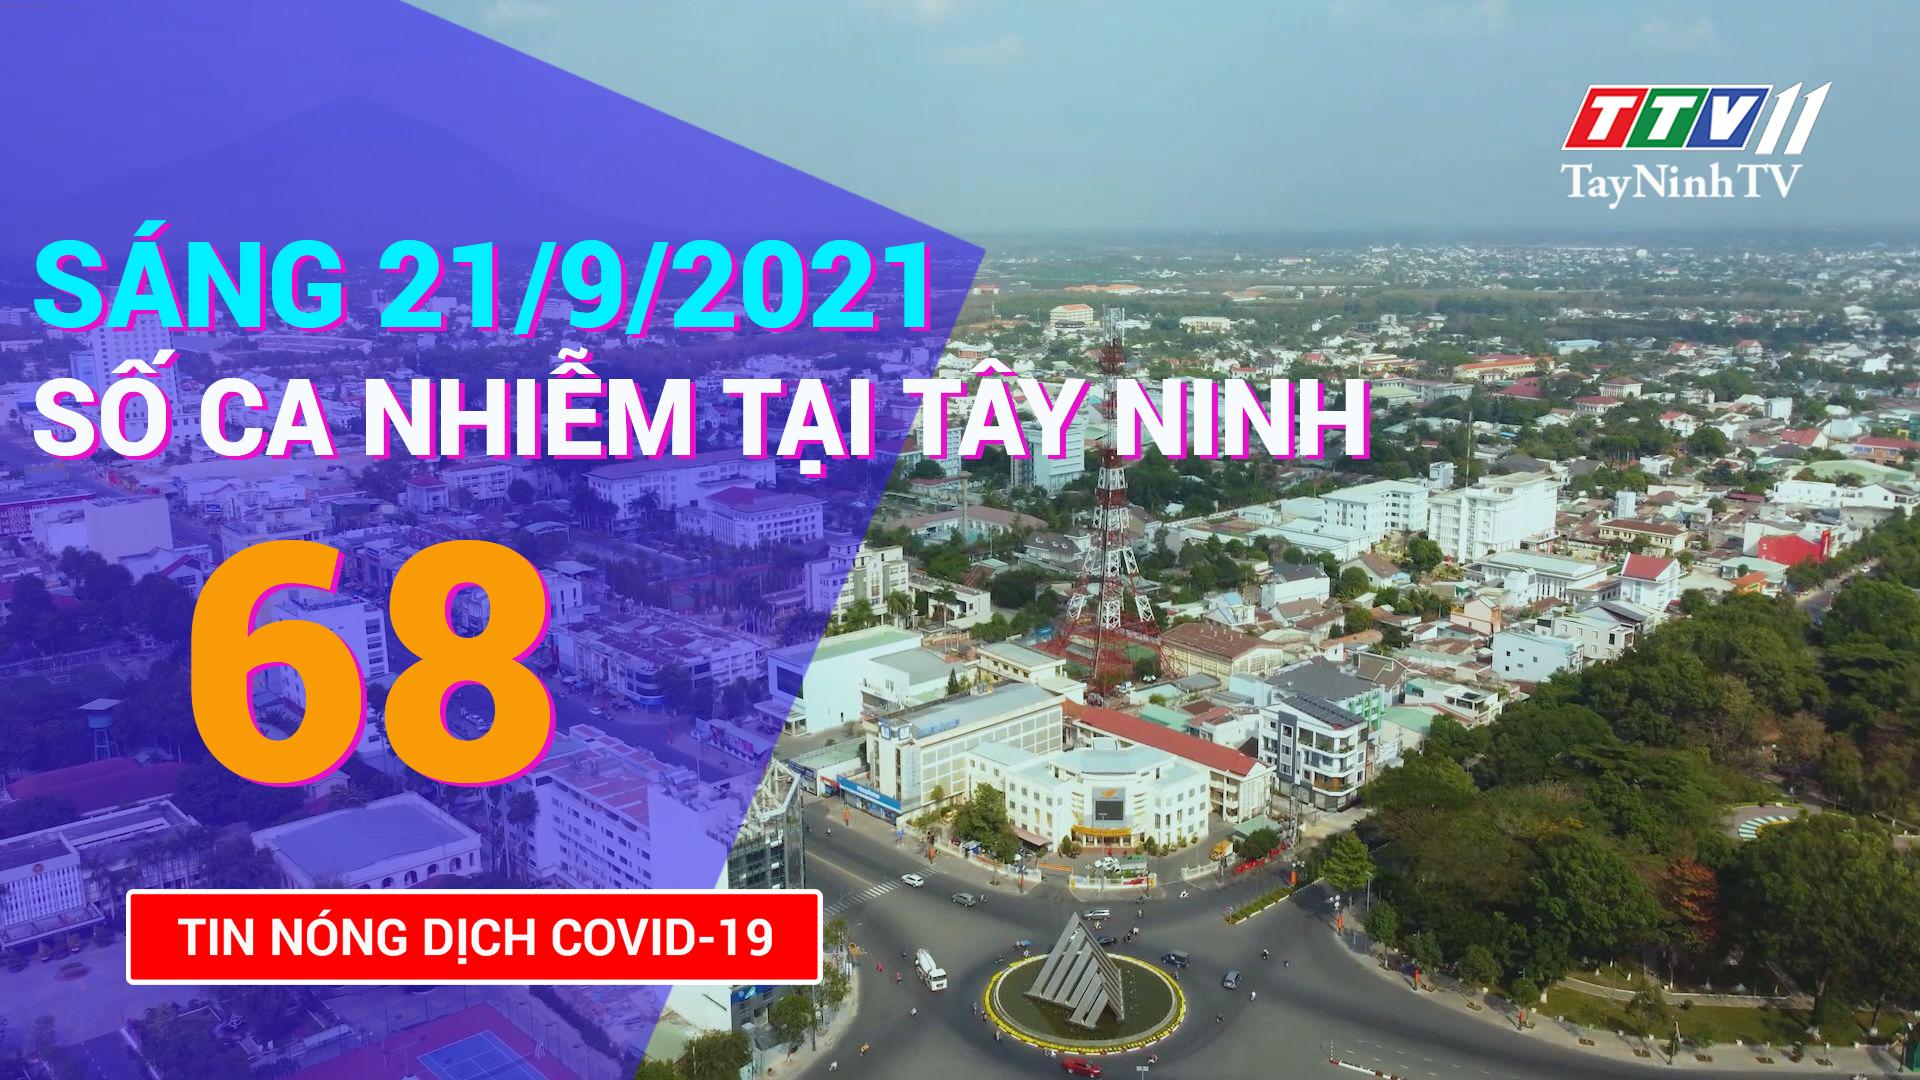 Tin tức Covid-19 sáng 21/9/2021 | TayNinhTV